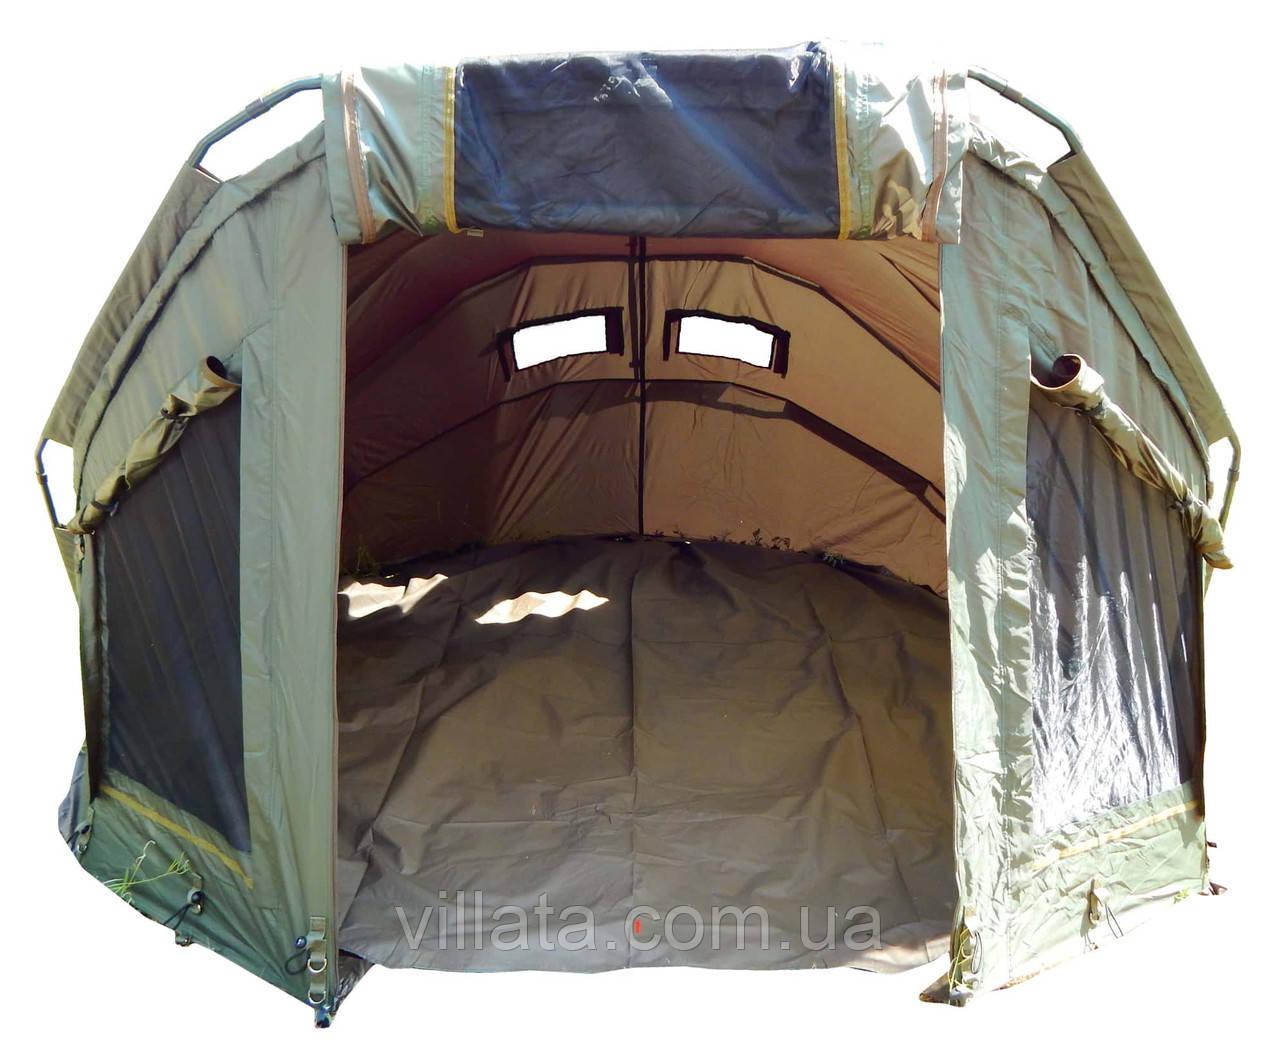 Палатка туристическая Ranger EXP 2-MAN Нigh палатка для рыбалки